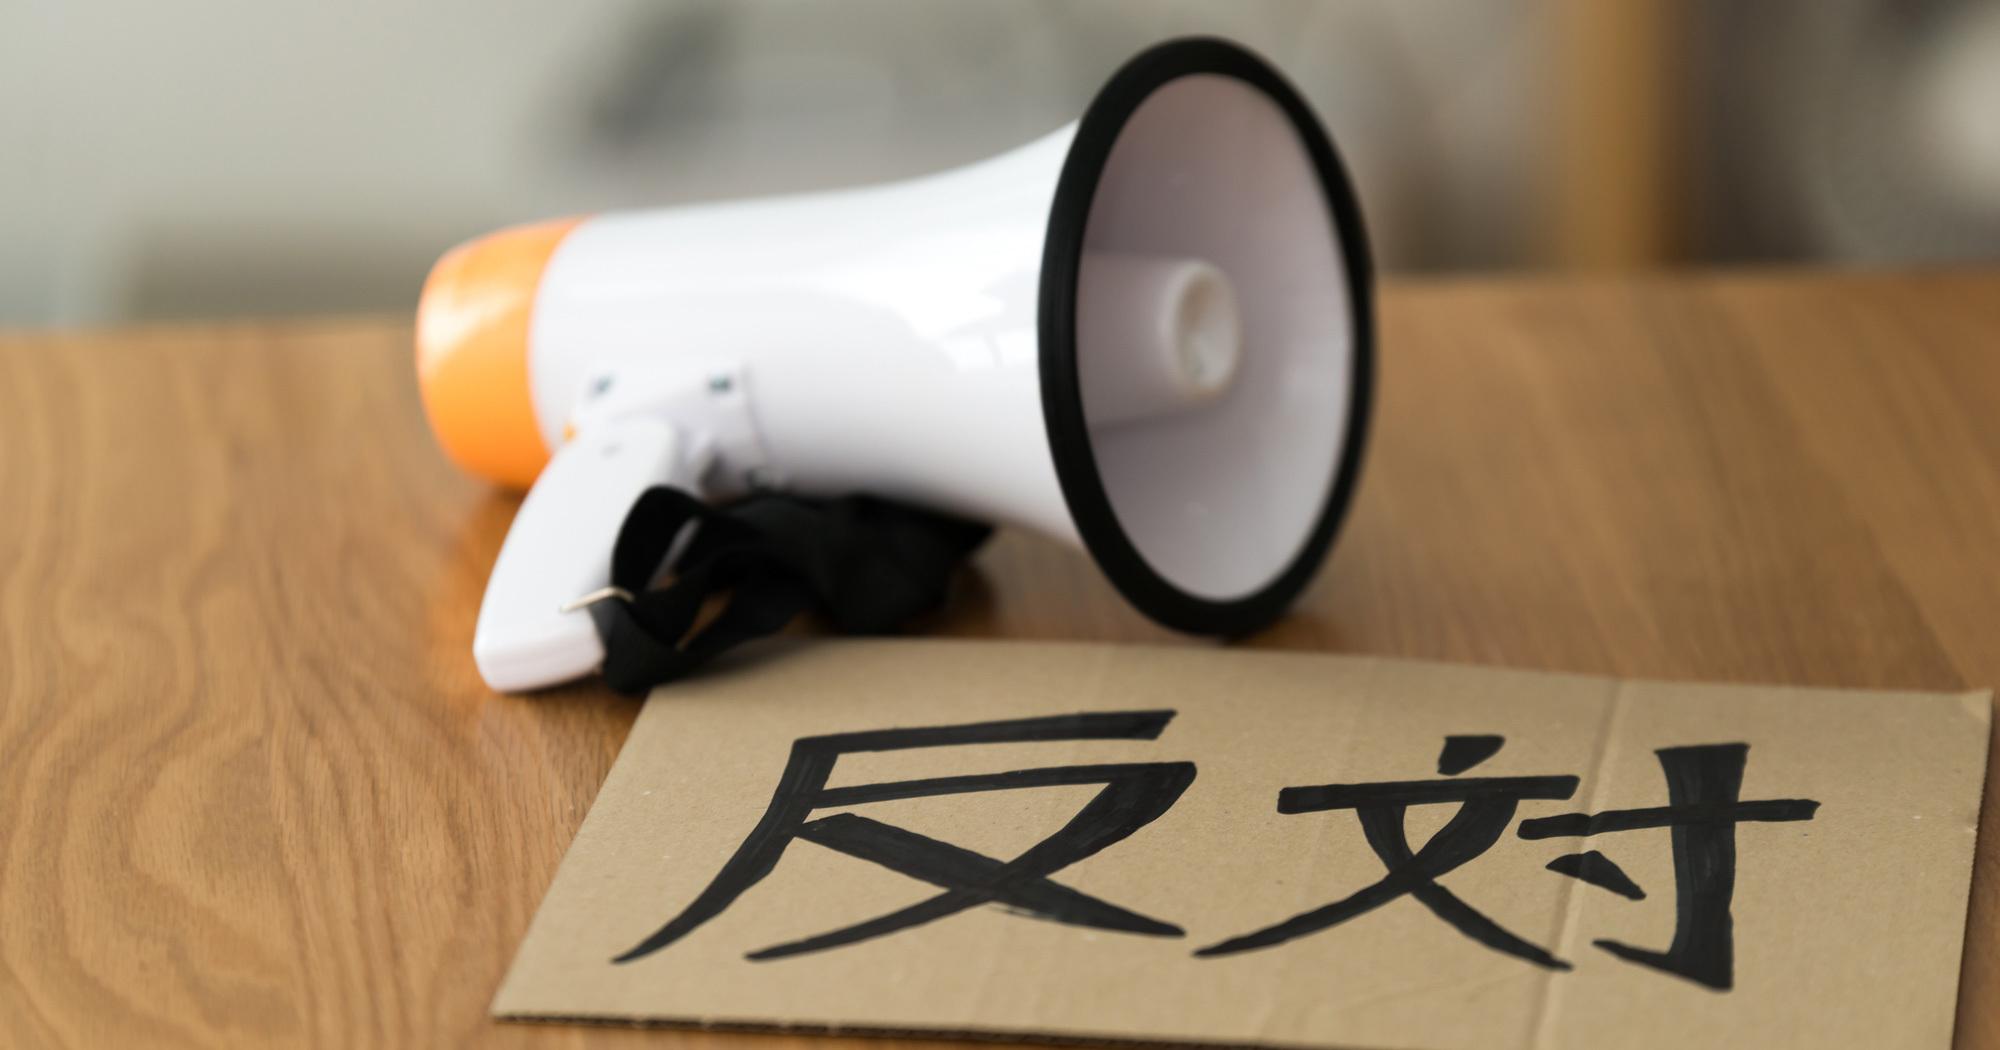 雨傘革命の闘士に聞く 「学生運動」はなぜ敗北するのか